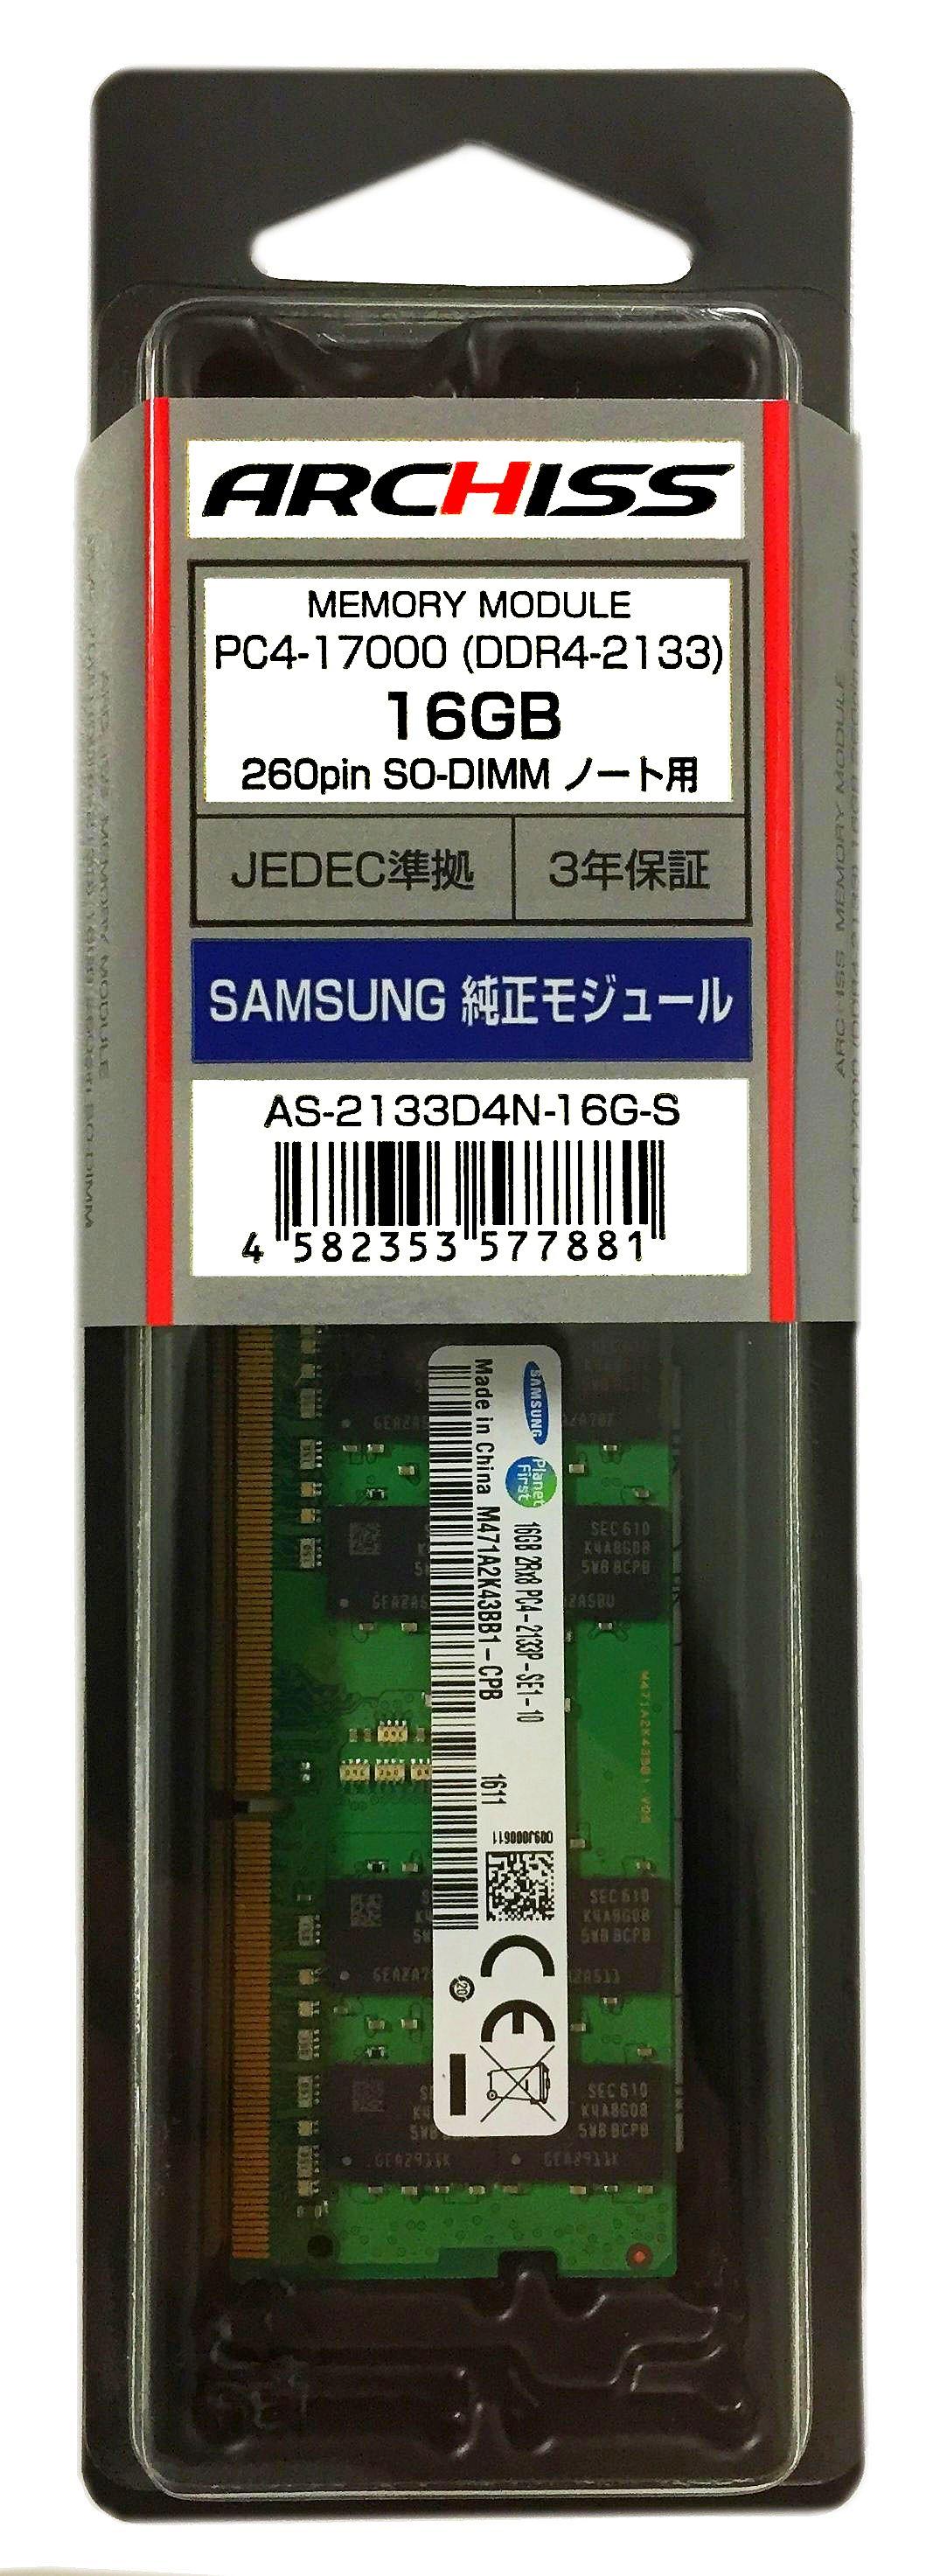 AS-2133D4N-16G-S